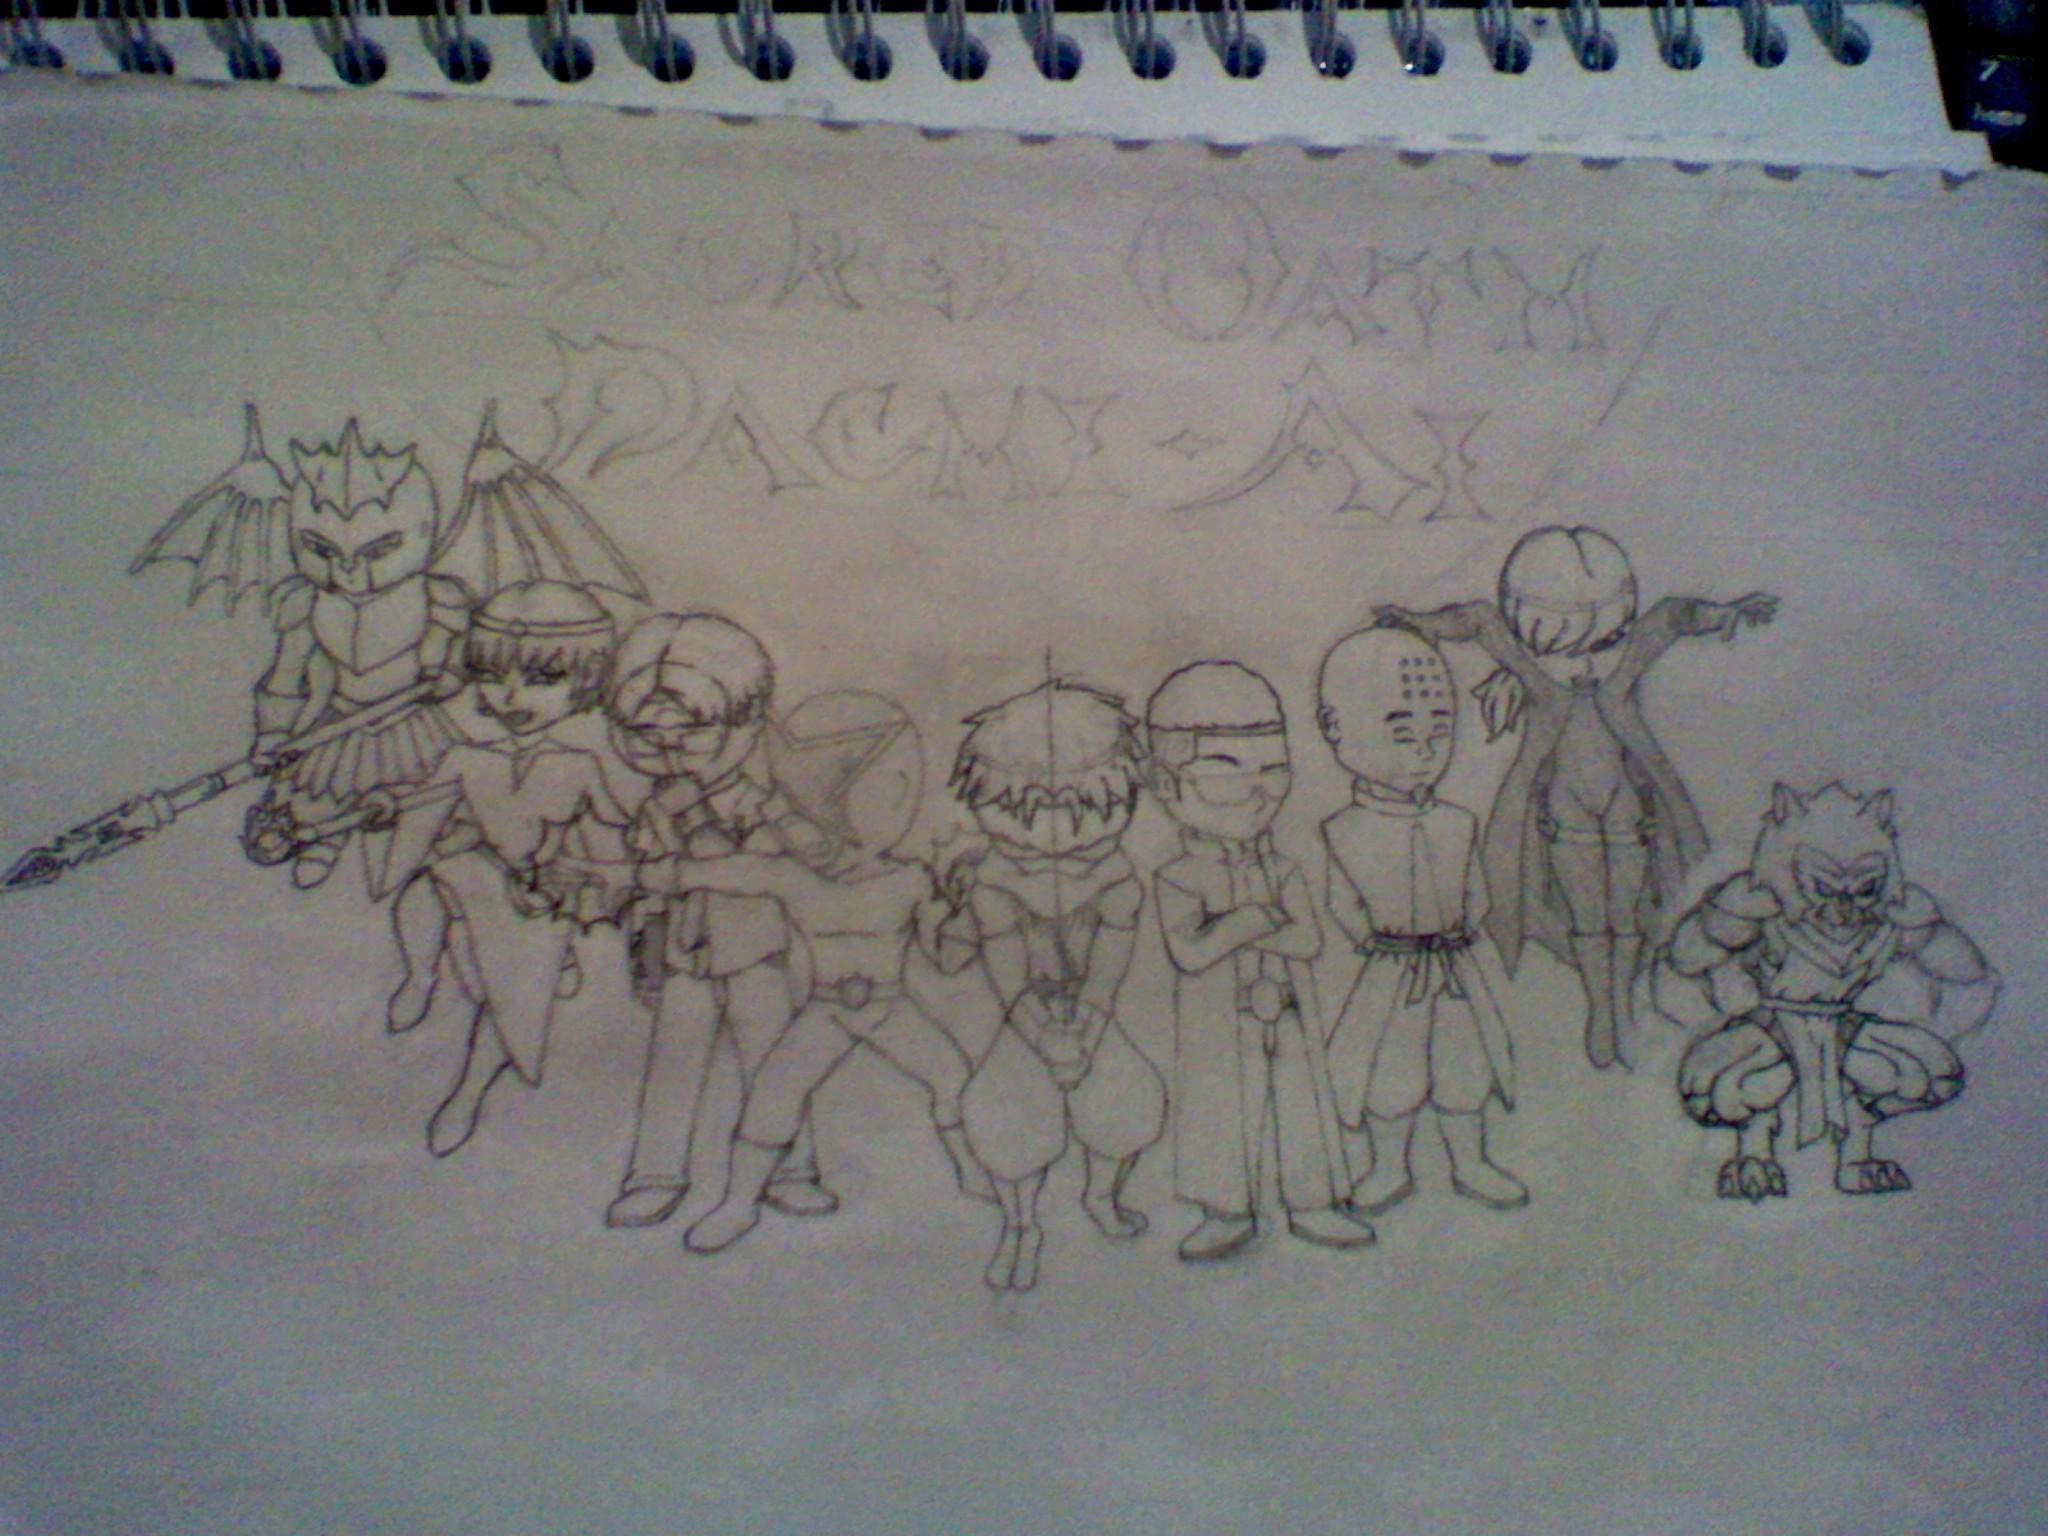 S.O.D.A. Sketch 2